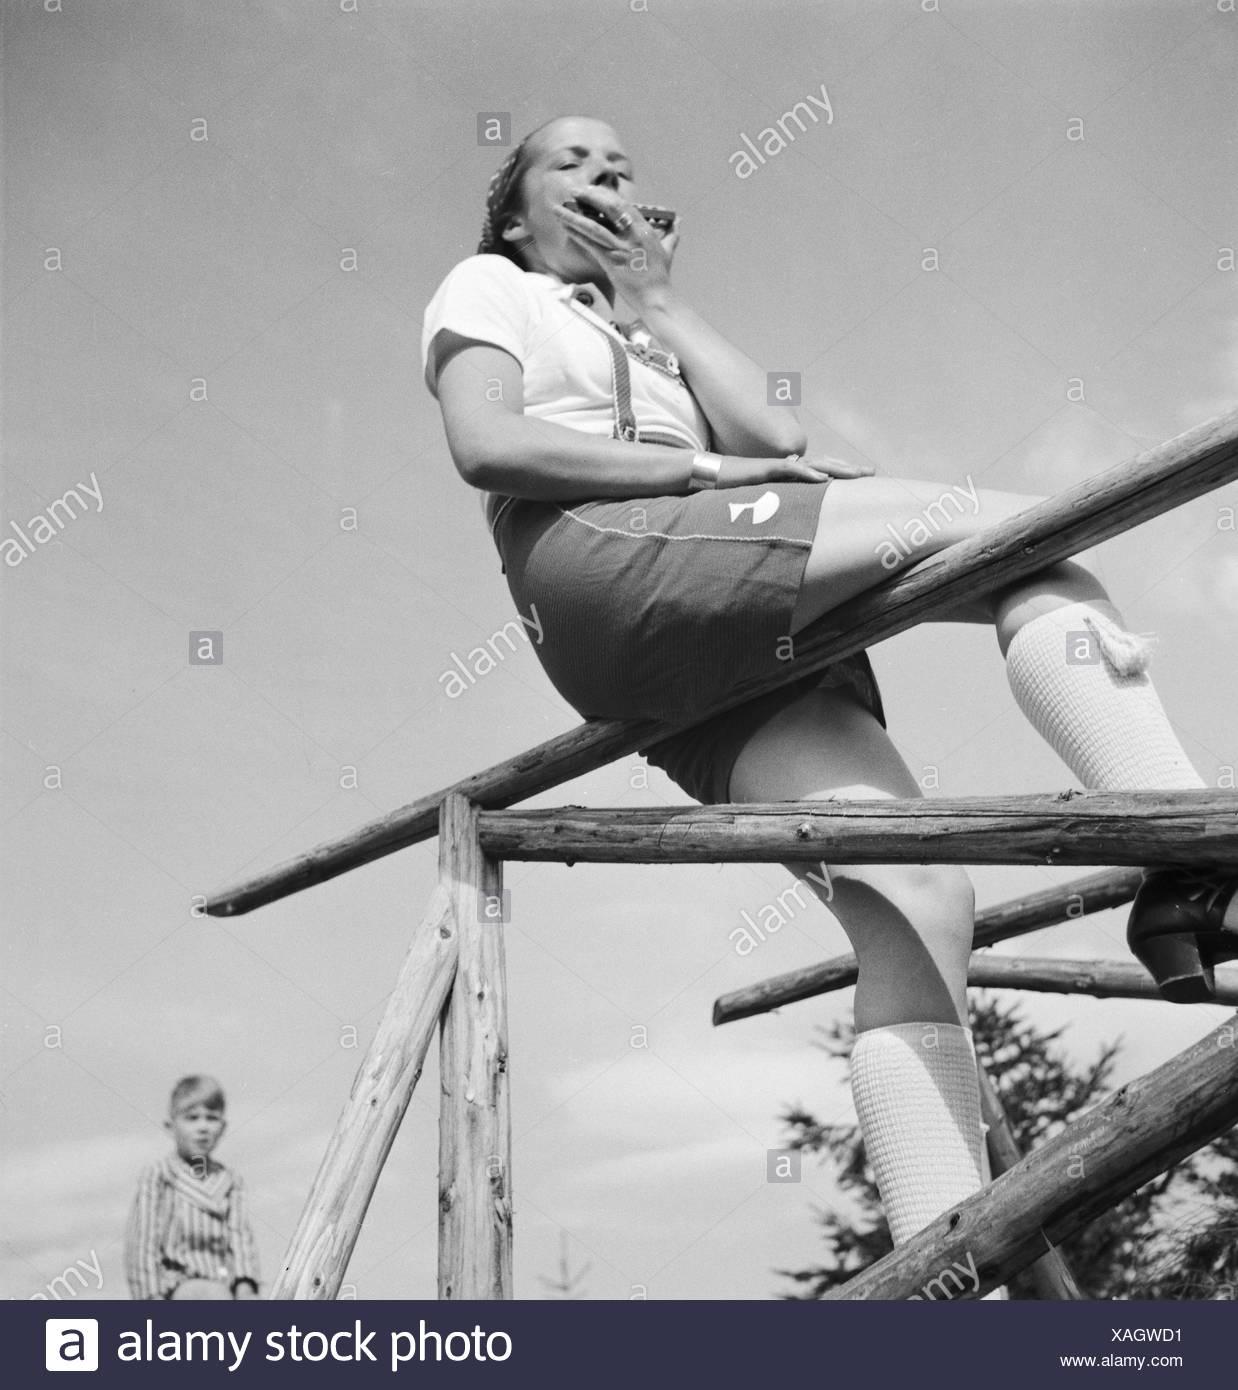 Eine junge Frau mit einer Mundharmonika auf einem Zaun, Deutschland 1930er Jahre. A young woman with a harmonica on a fence, Germany 1930s. - Stock Image